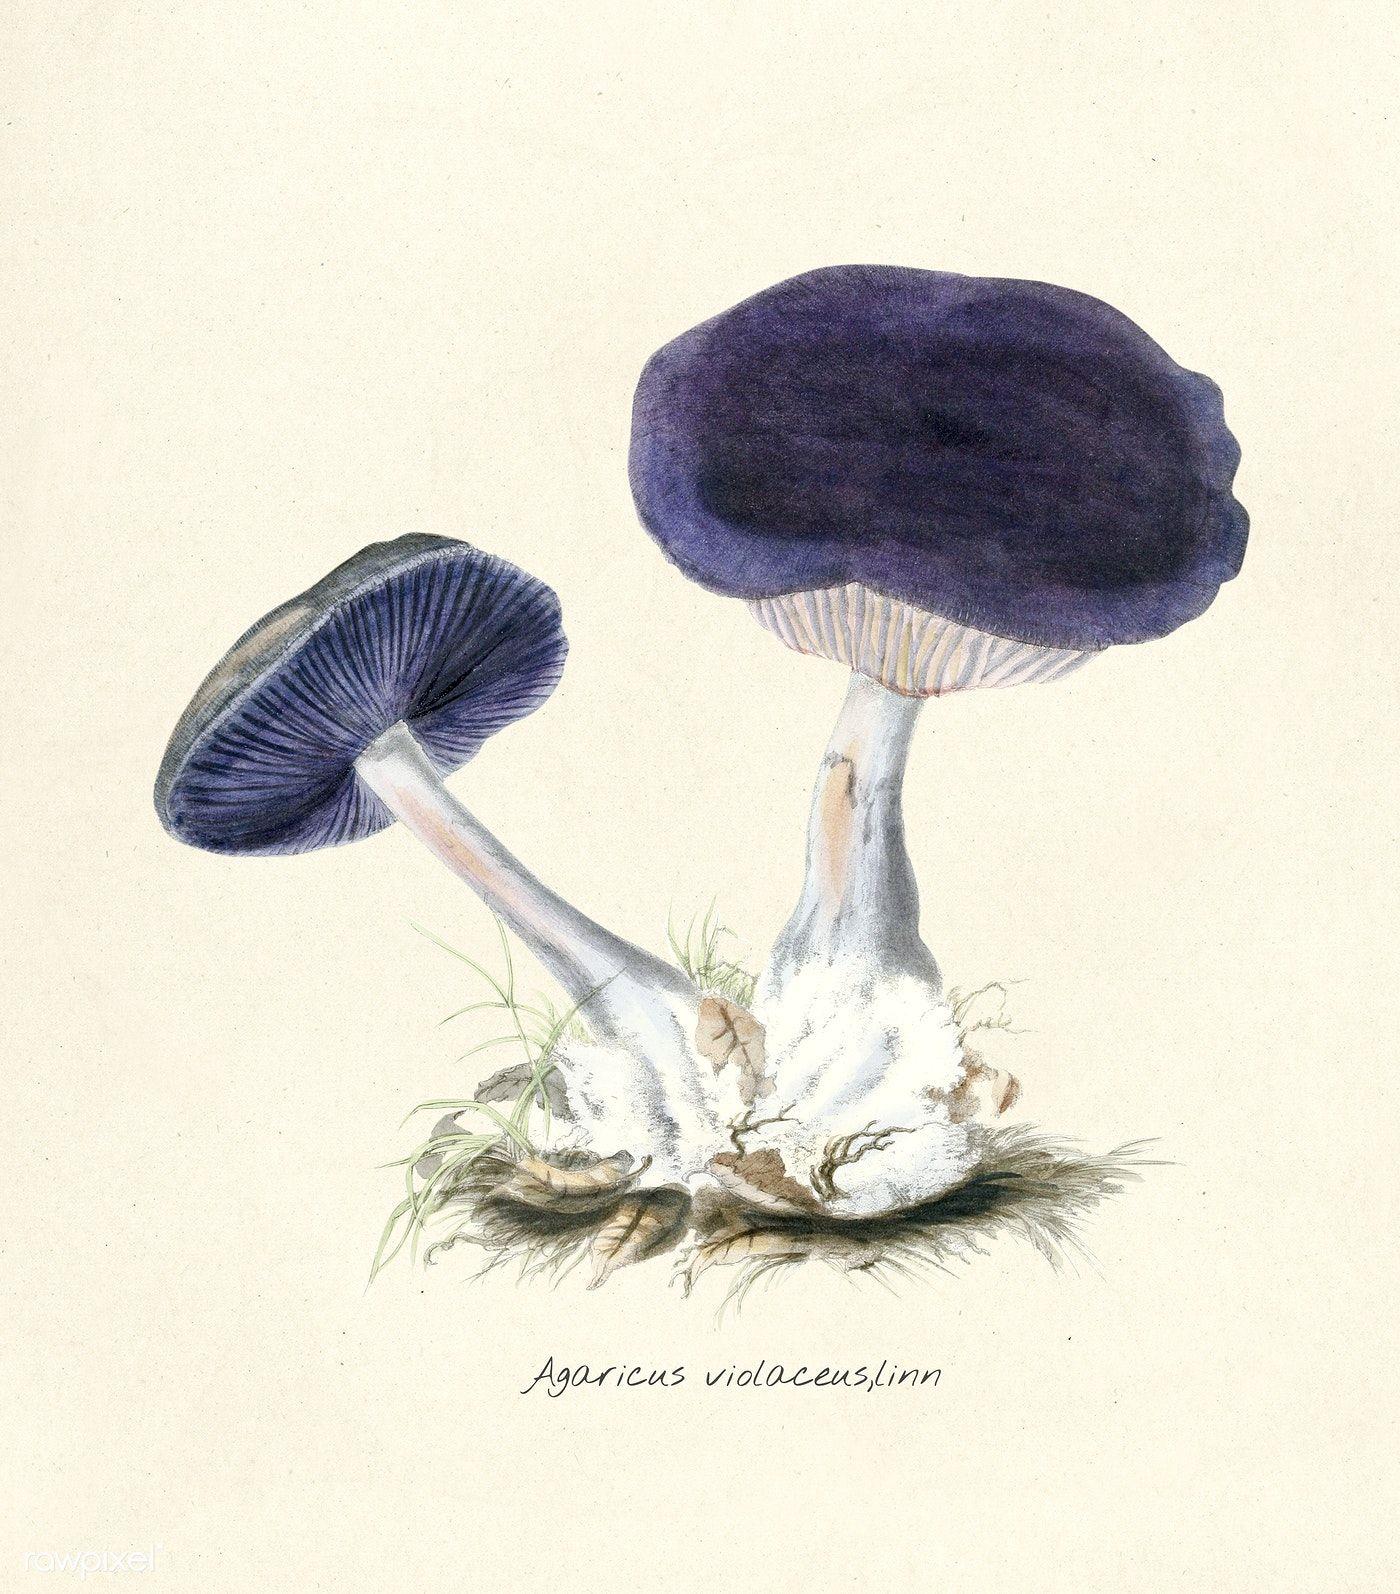 Antique illustration of Agaricus Violaceus, Linn | free ...